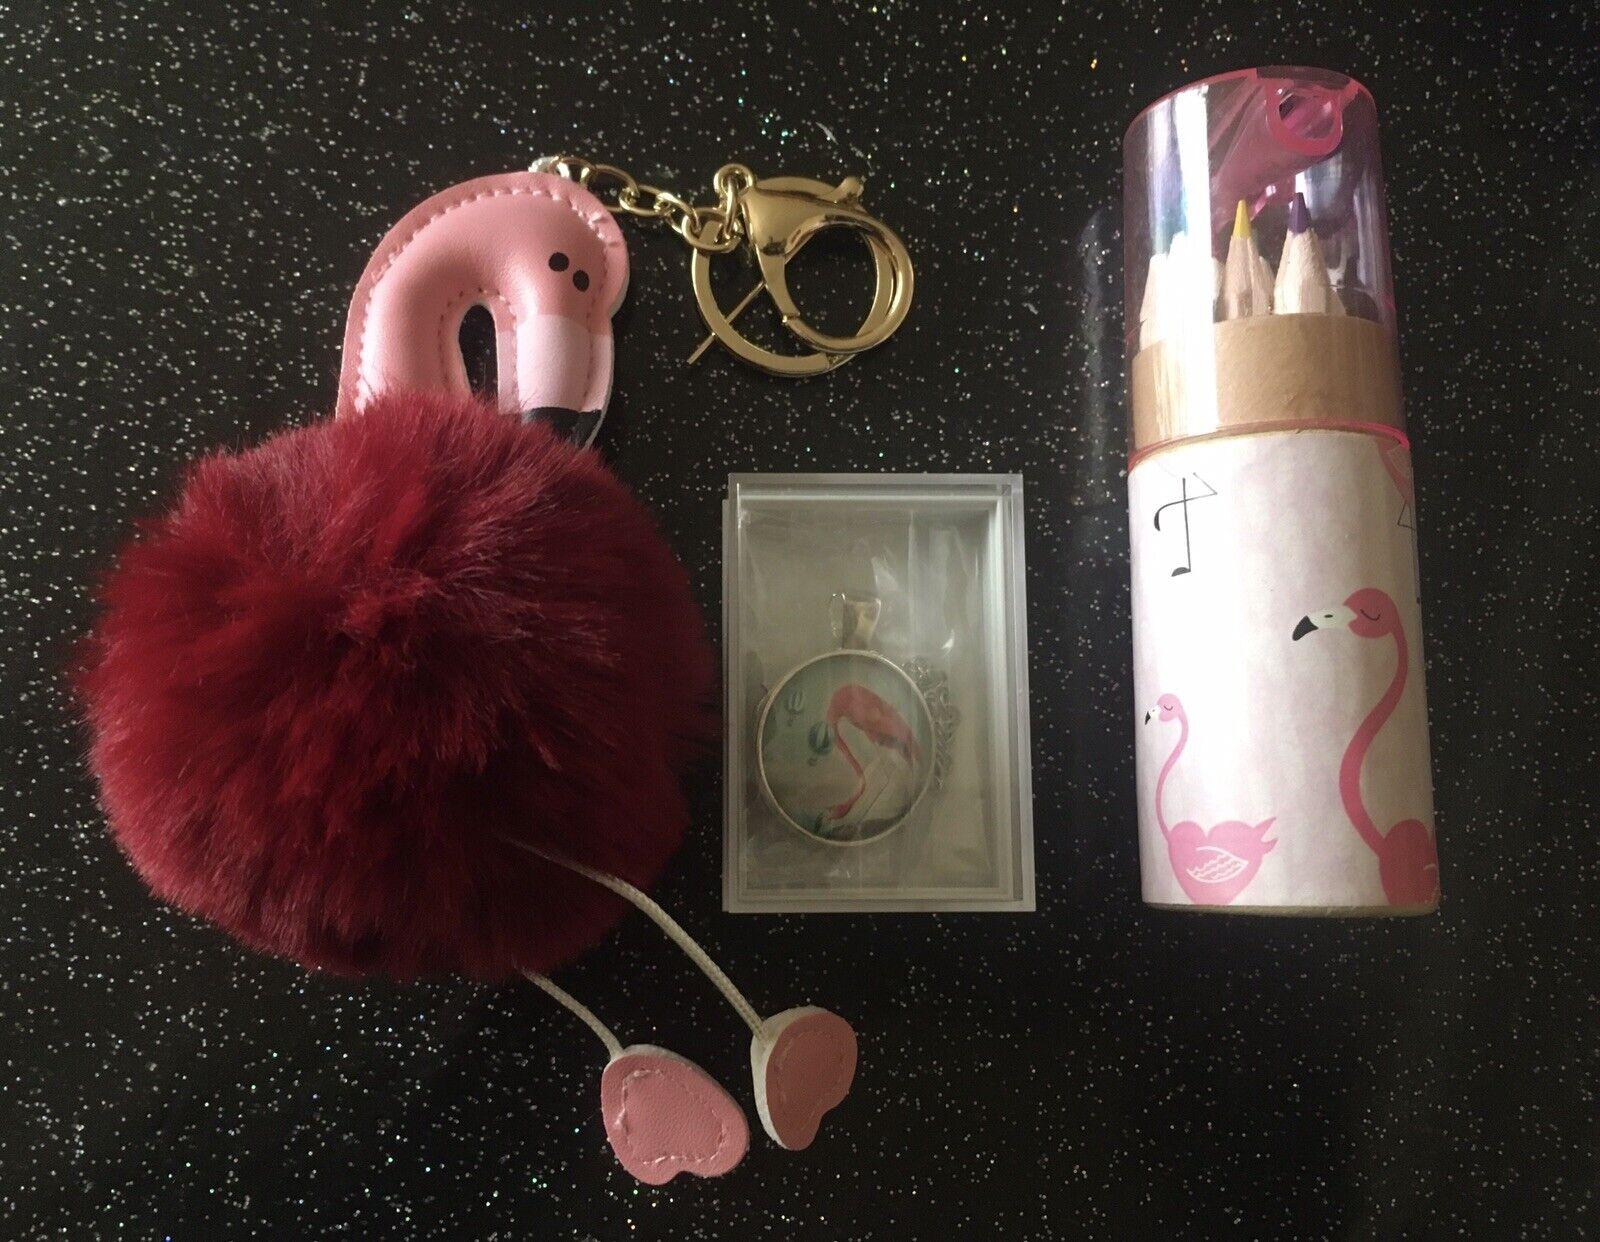 Retro Flamingo Pencil Set +Boxed Pendant Necklace +Fluffy Keyring 3pc Gift Set